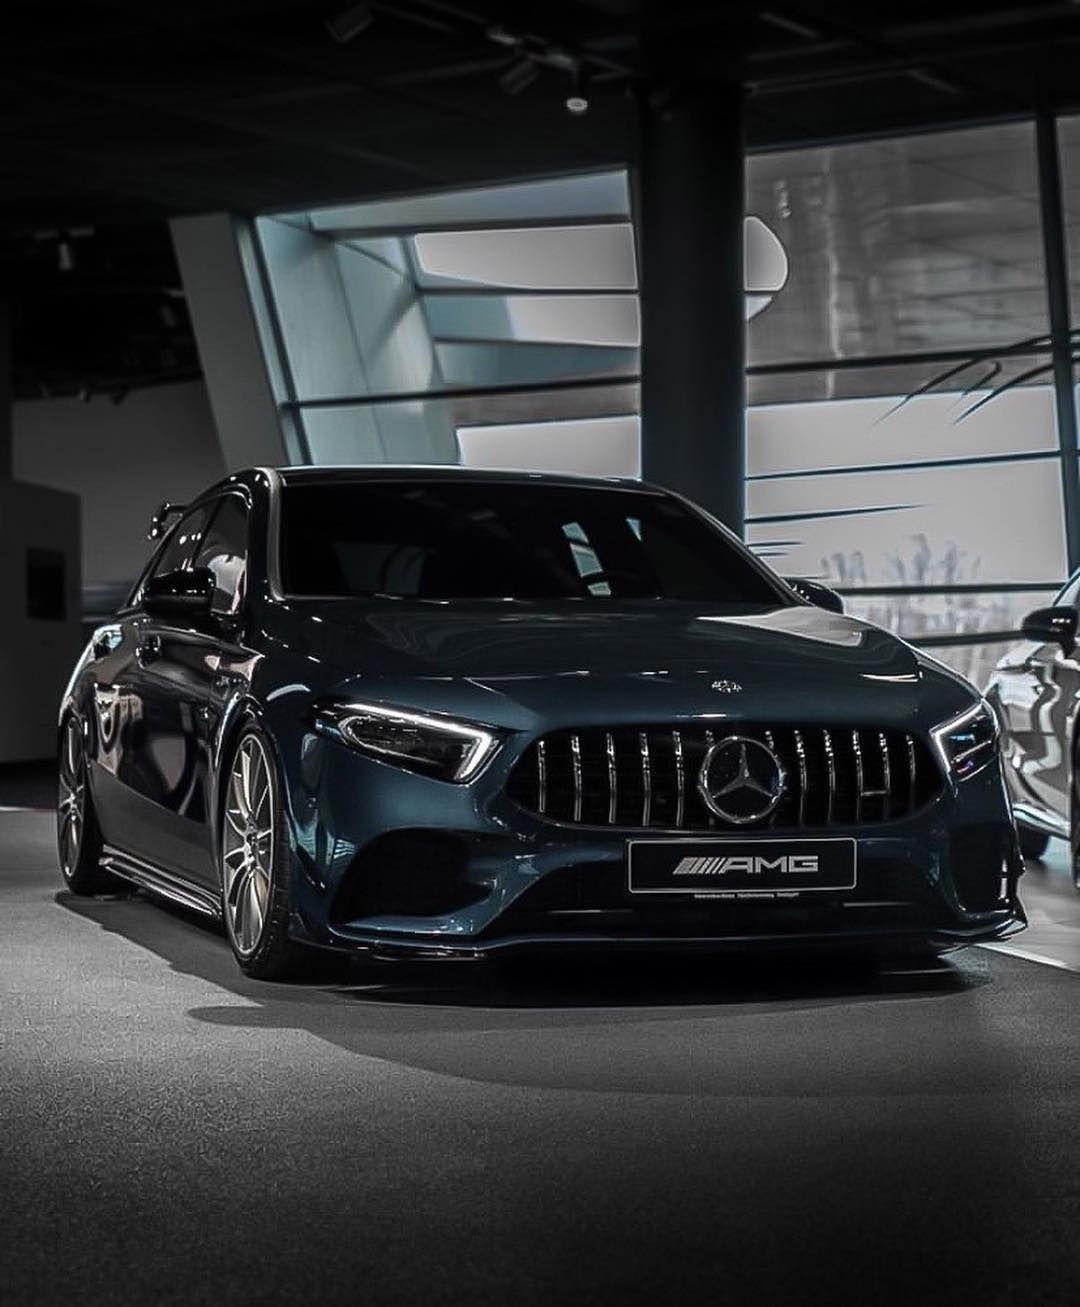 Afbeelding Kan Het Volgende Bevatten Auto En Buiten Mercedes Amg Gt S Mercedes Benz Cars Mercedes Amg